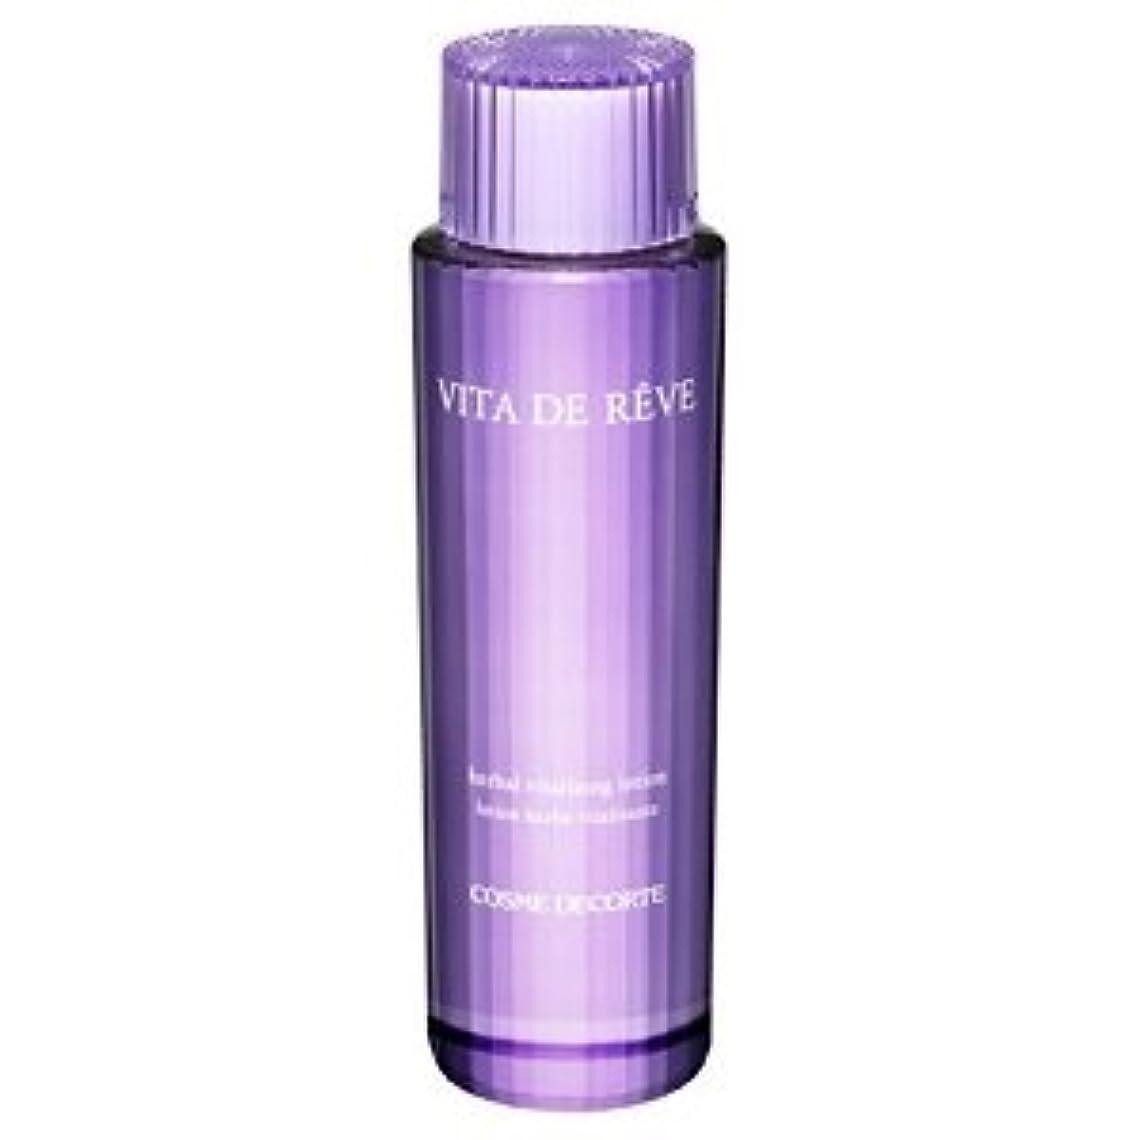 ぎこちない旅行フリースコスメデコルテ ヴィタ ドレーブ 150ml 化粧水 アウトレット